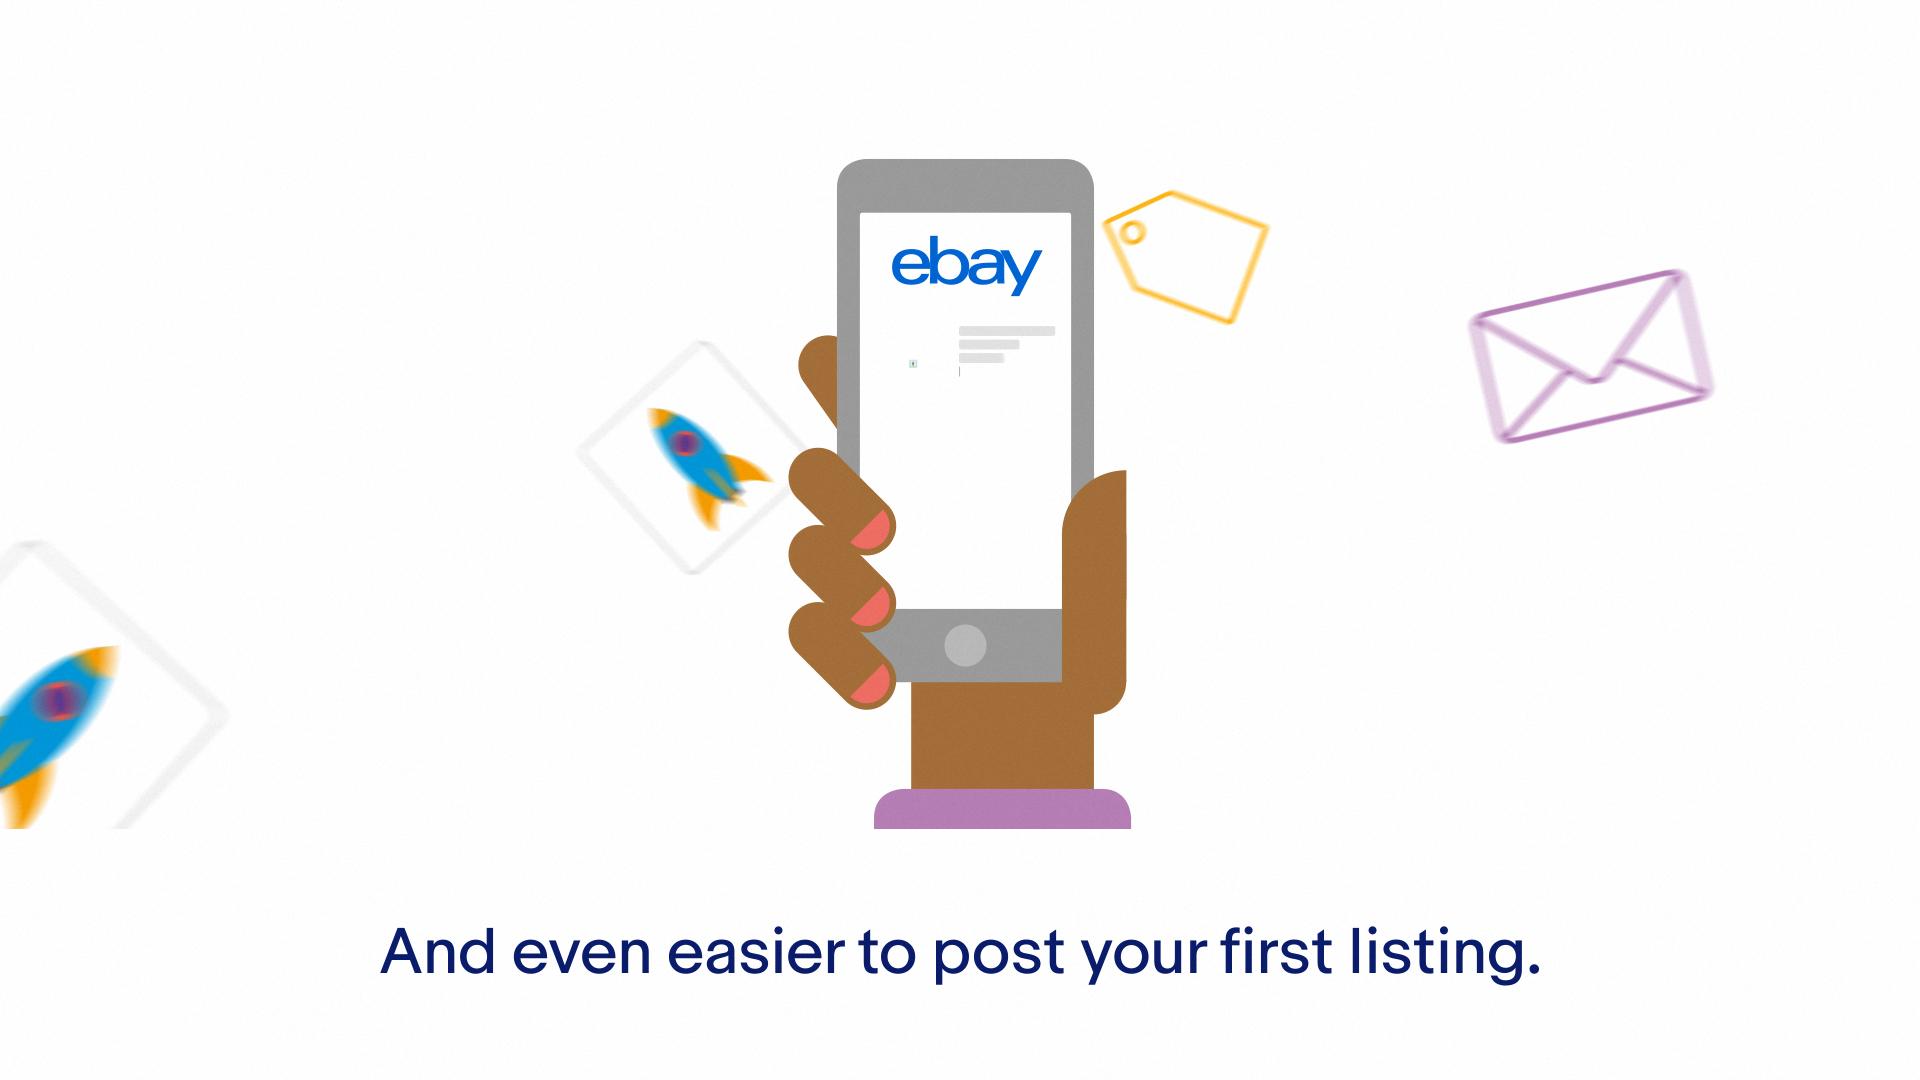 Ebay_07